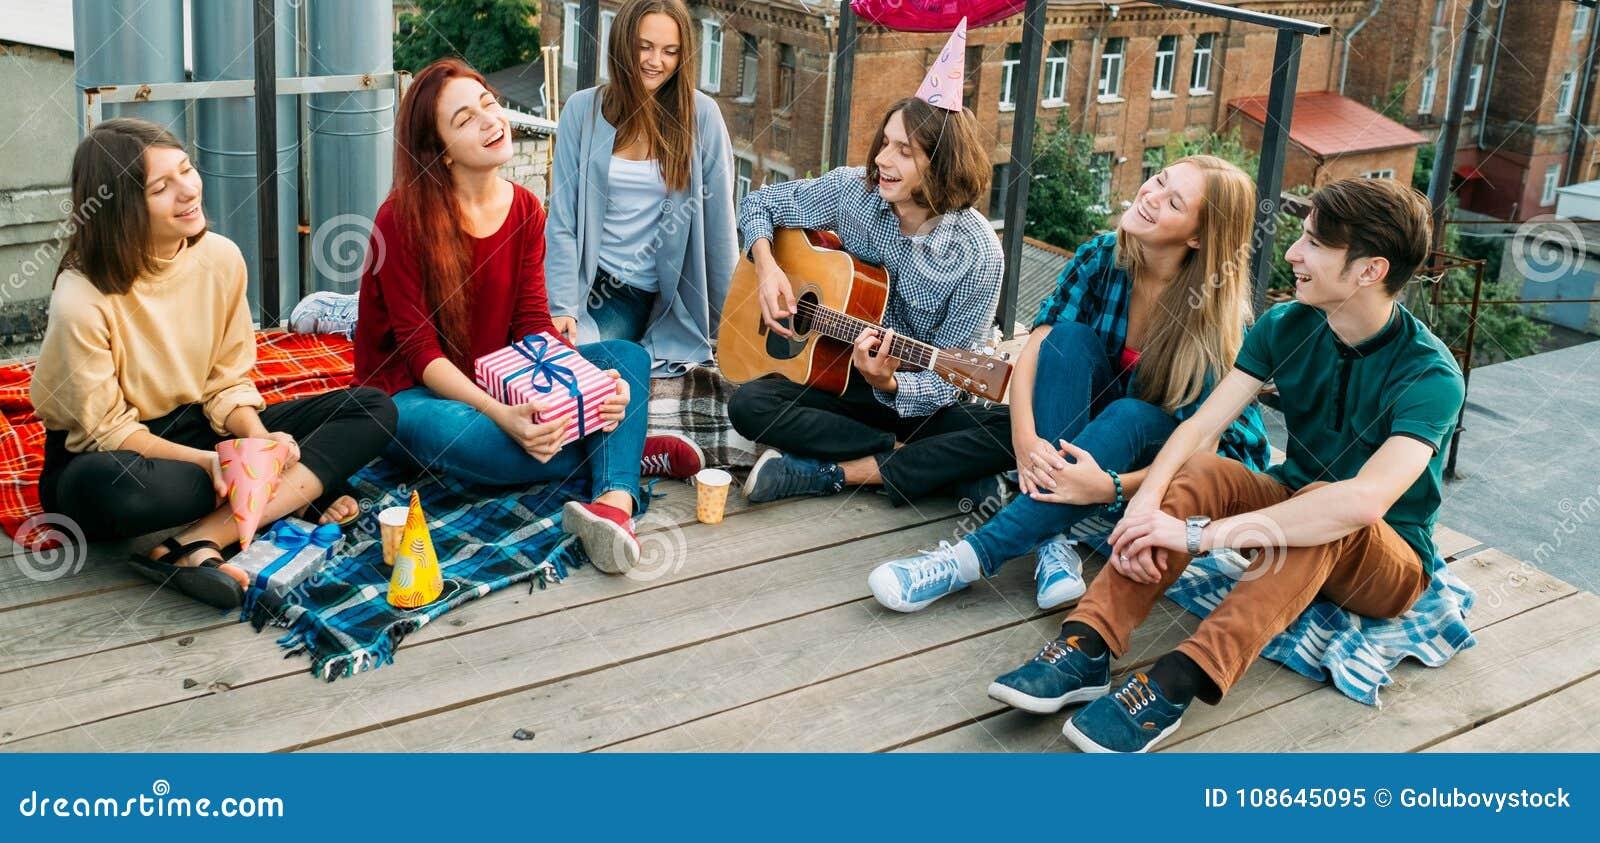 Ο ελεύθερος χρόνος νεολαίας ξένοιαστος τραγουδά χαλαρώνει την εναλλακτική άποψη